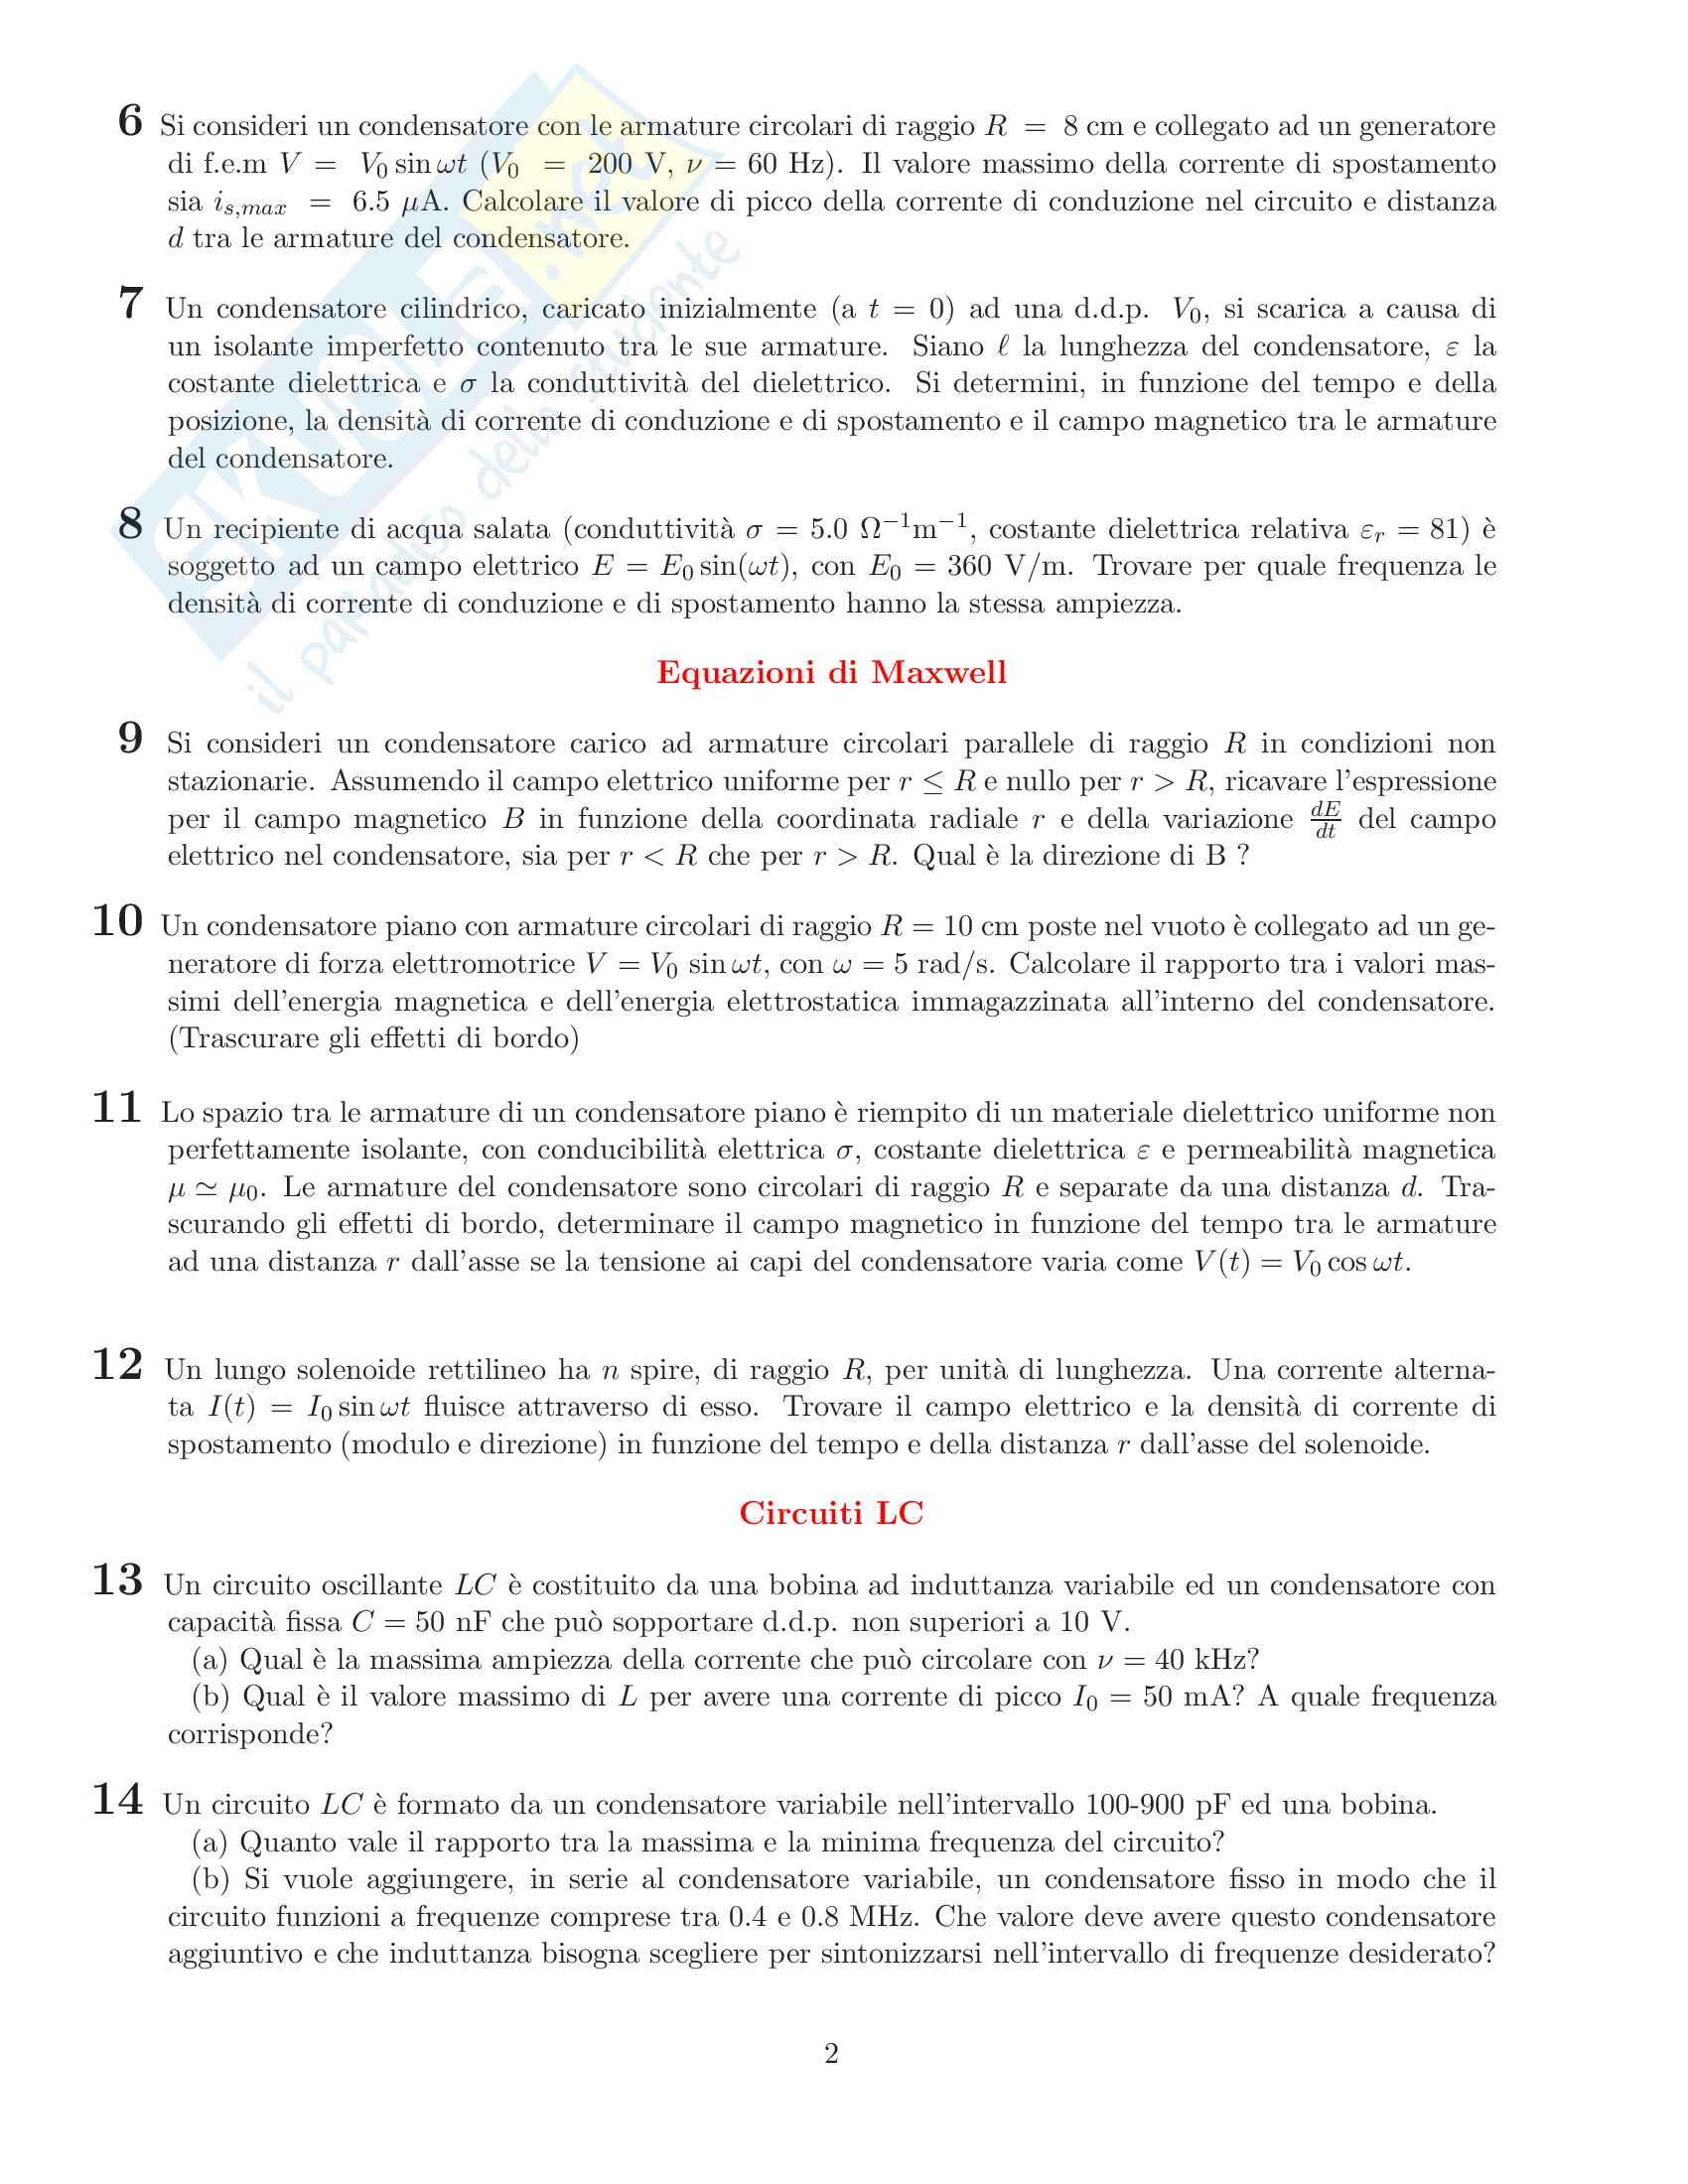 Esercizi RLC Pag. 2